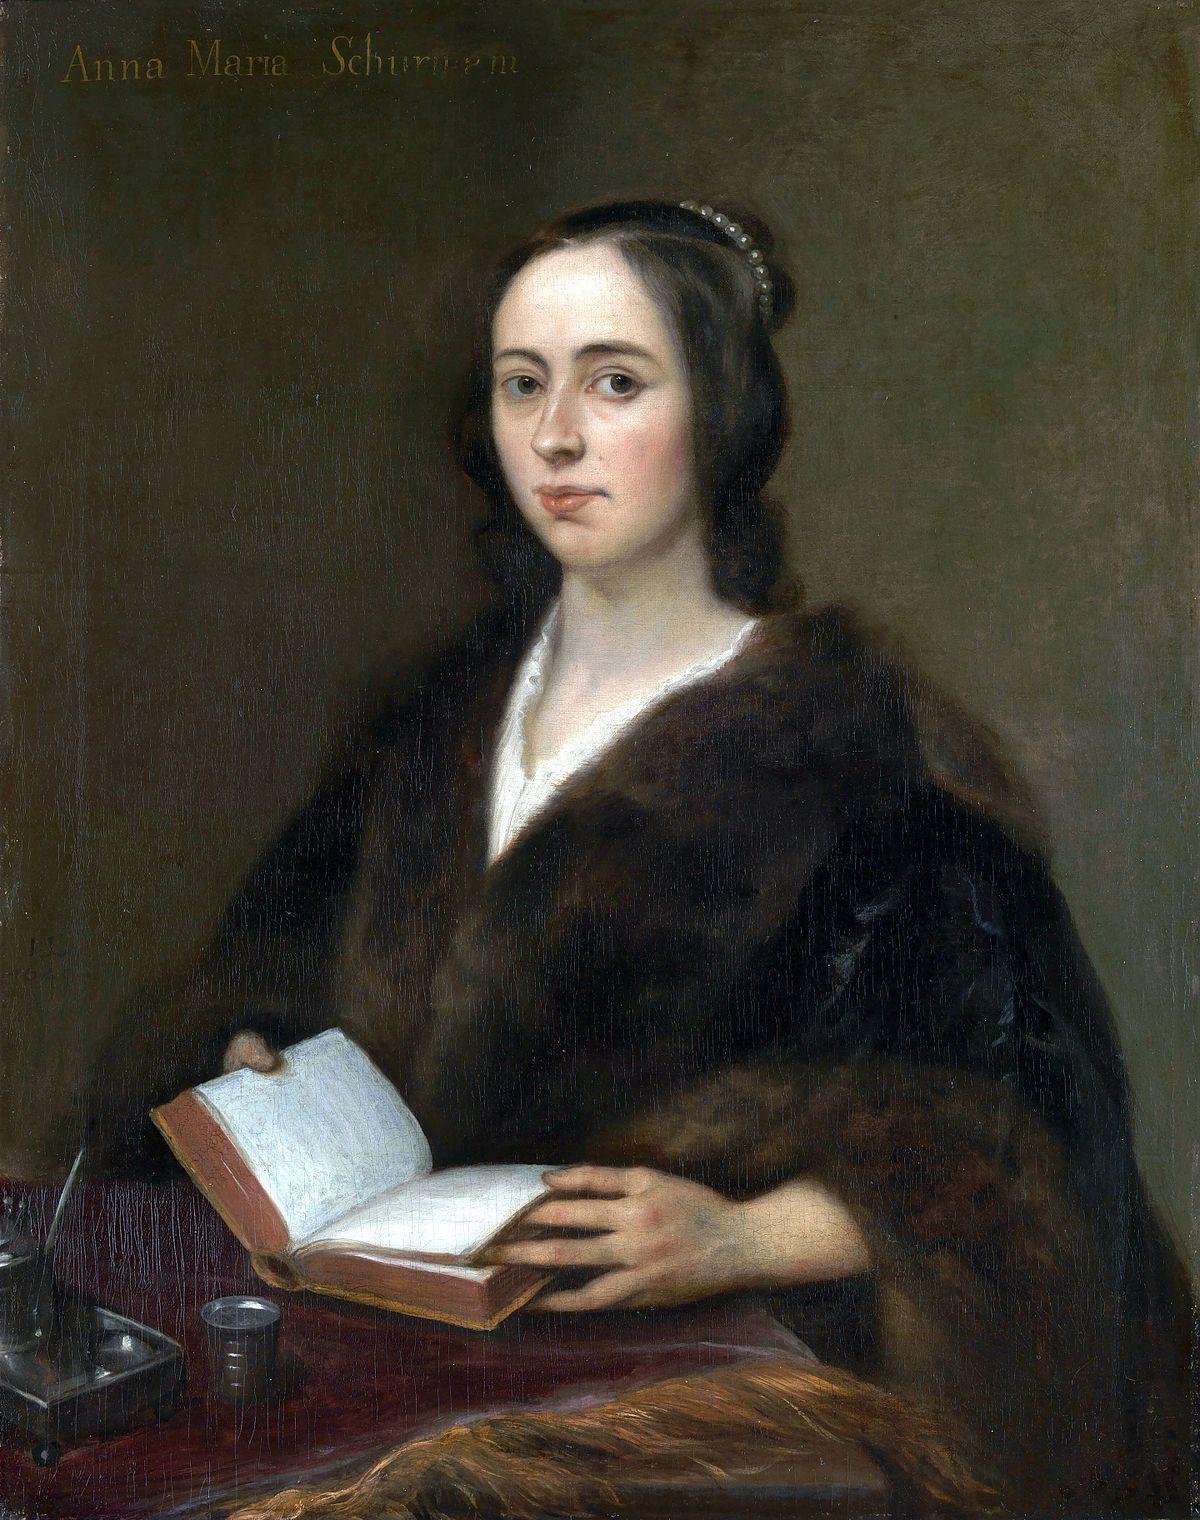 Анна Мария ван Шурман (1607-1678) - немецкая и нидерландская поэтесса, гравёр, разносторонний учёный.